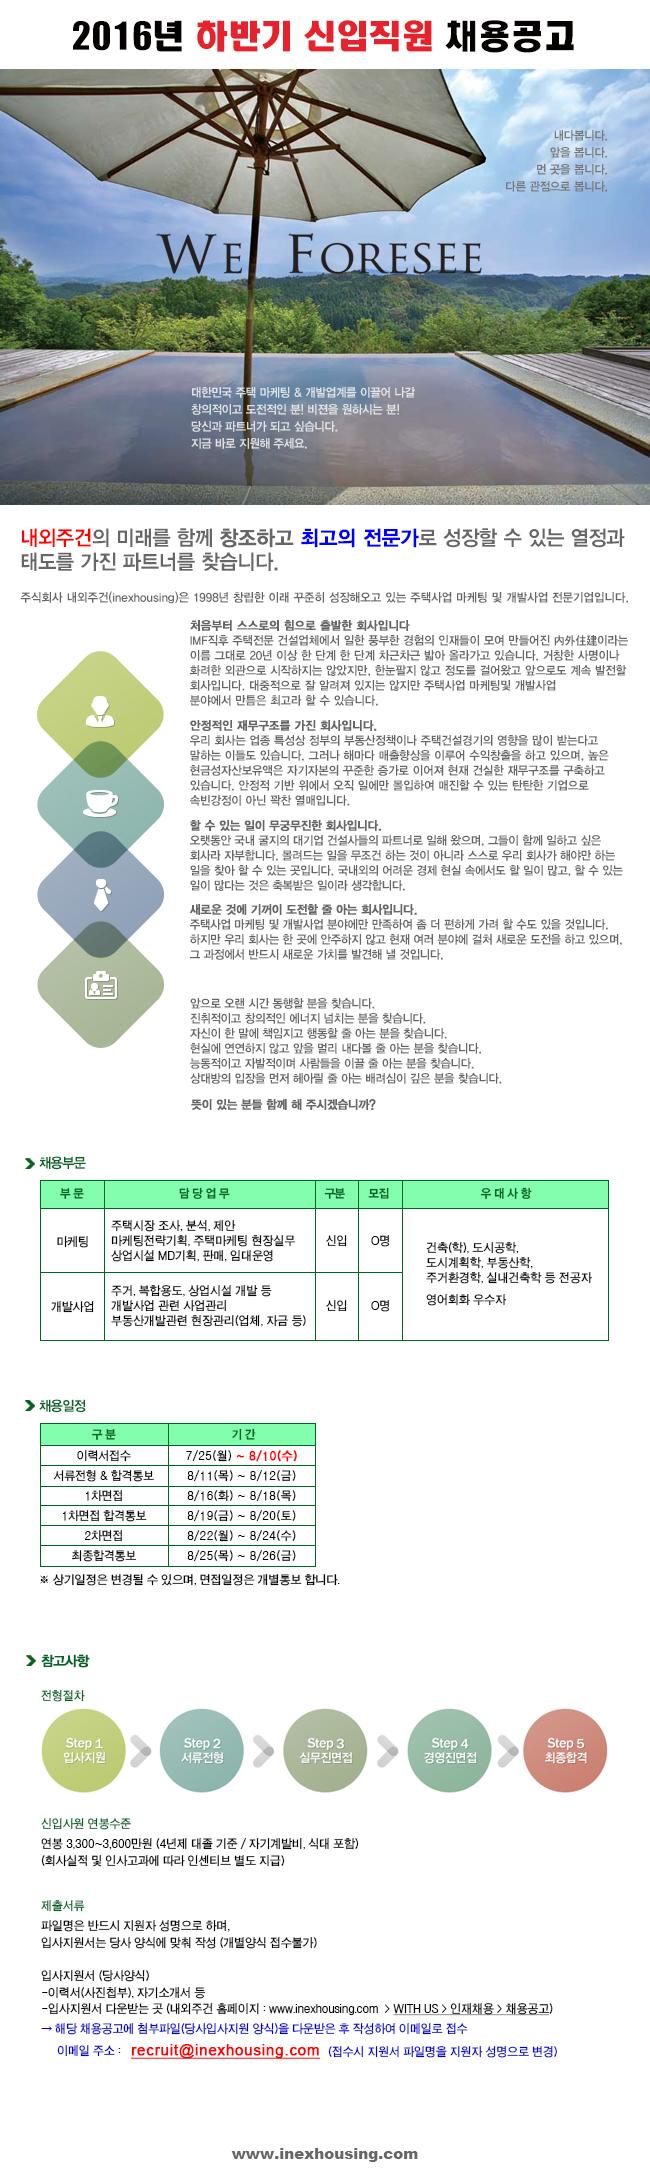 (주)내외주건 채용공고 (2016 하반기).jpg